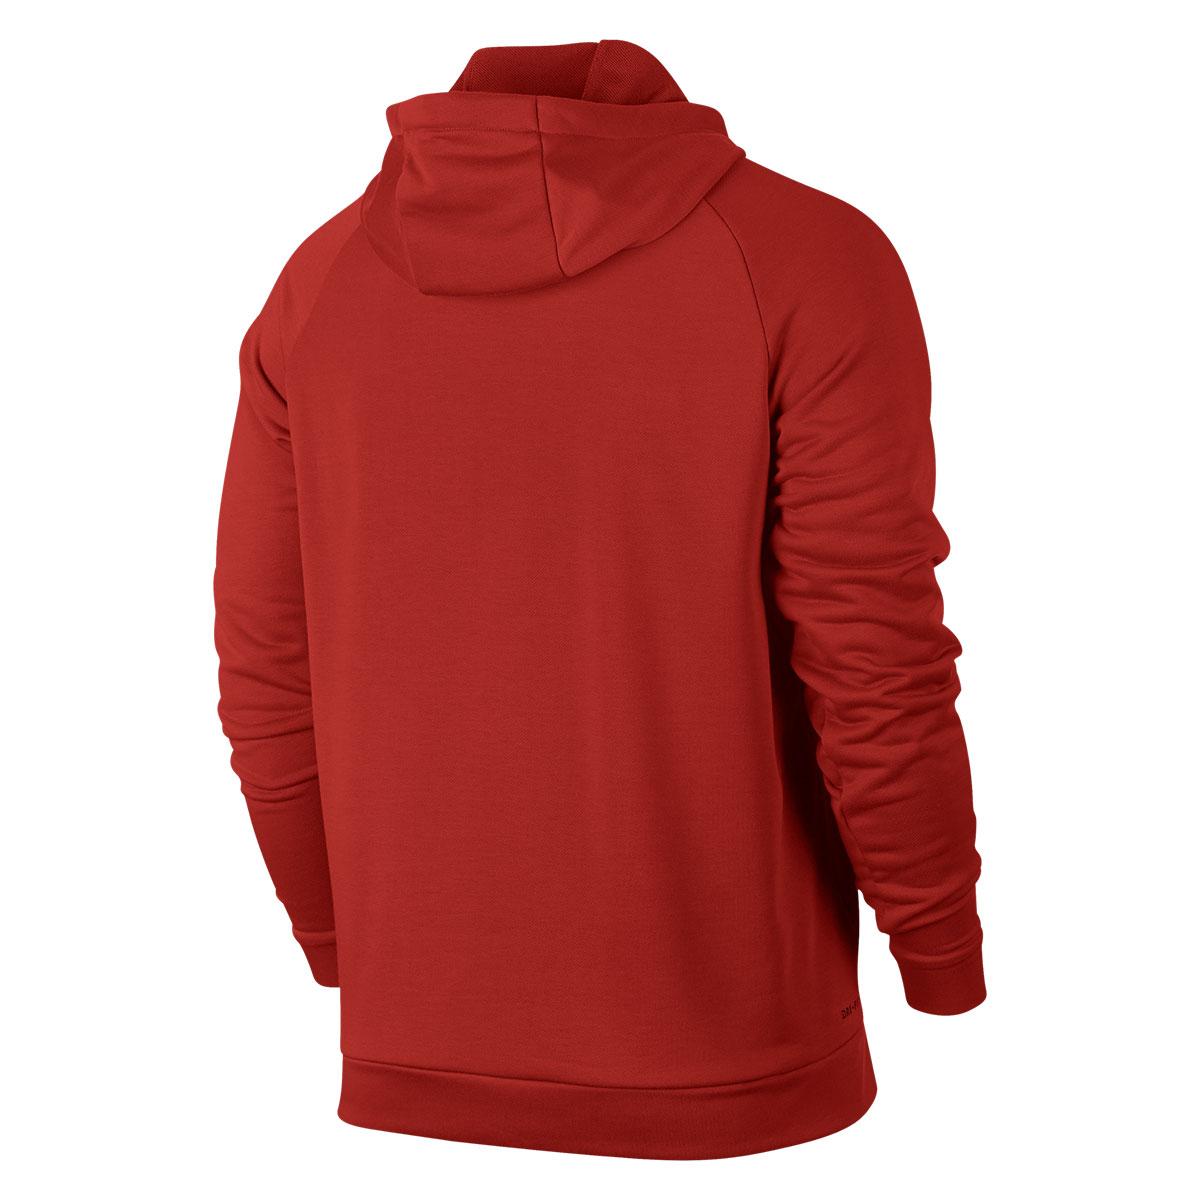 74a2c429a908d Nike Kapuzenpullover Training Hoody rot weiß - Fussball Shop